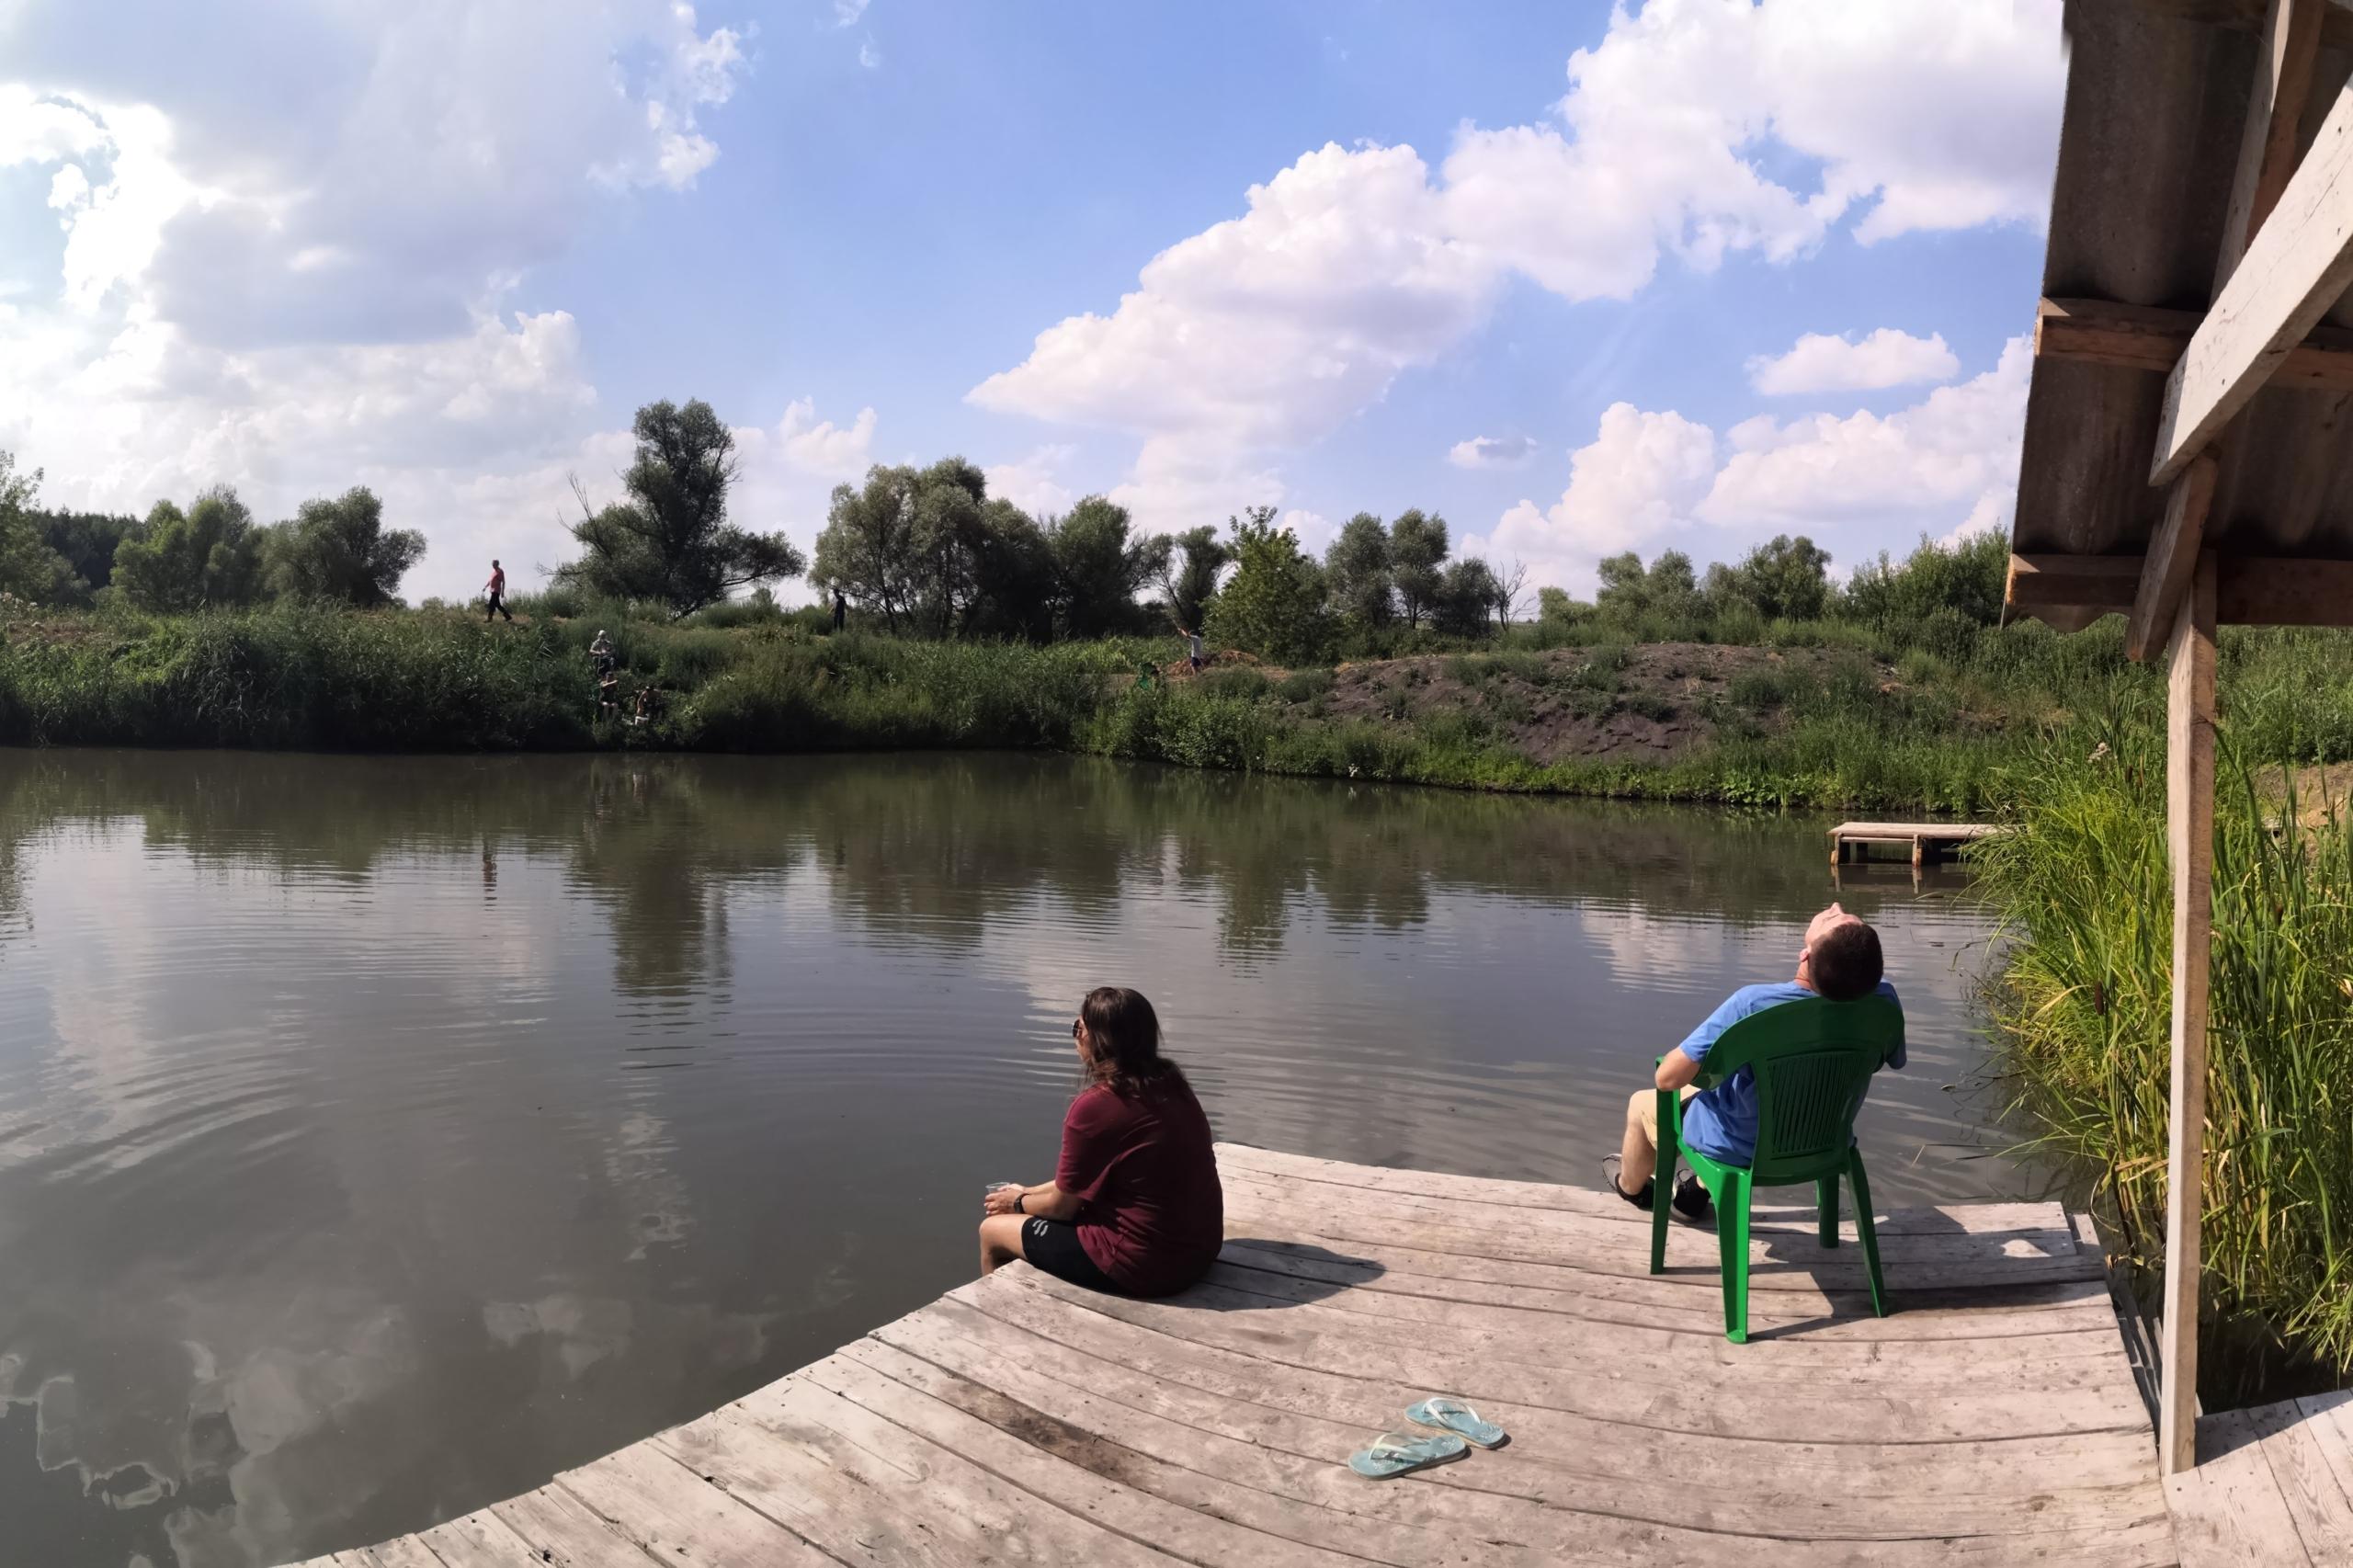 Лето, рыбалка, купание, тренинг